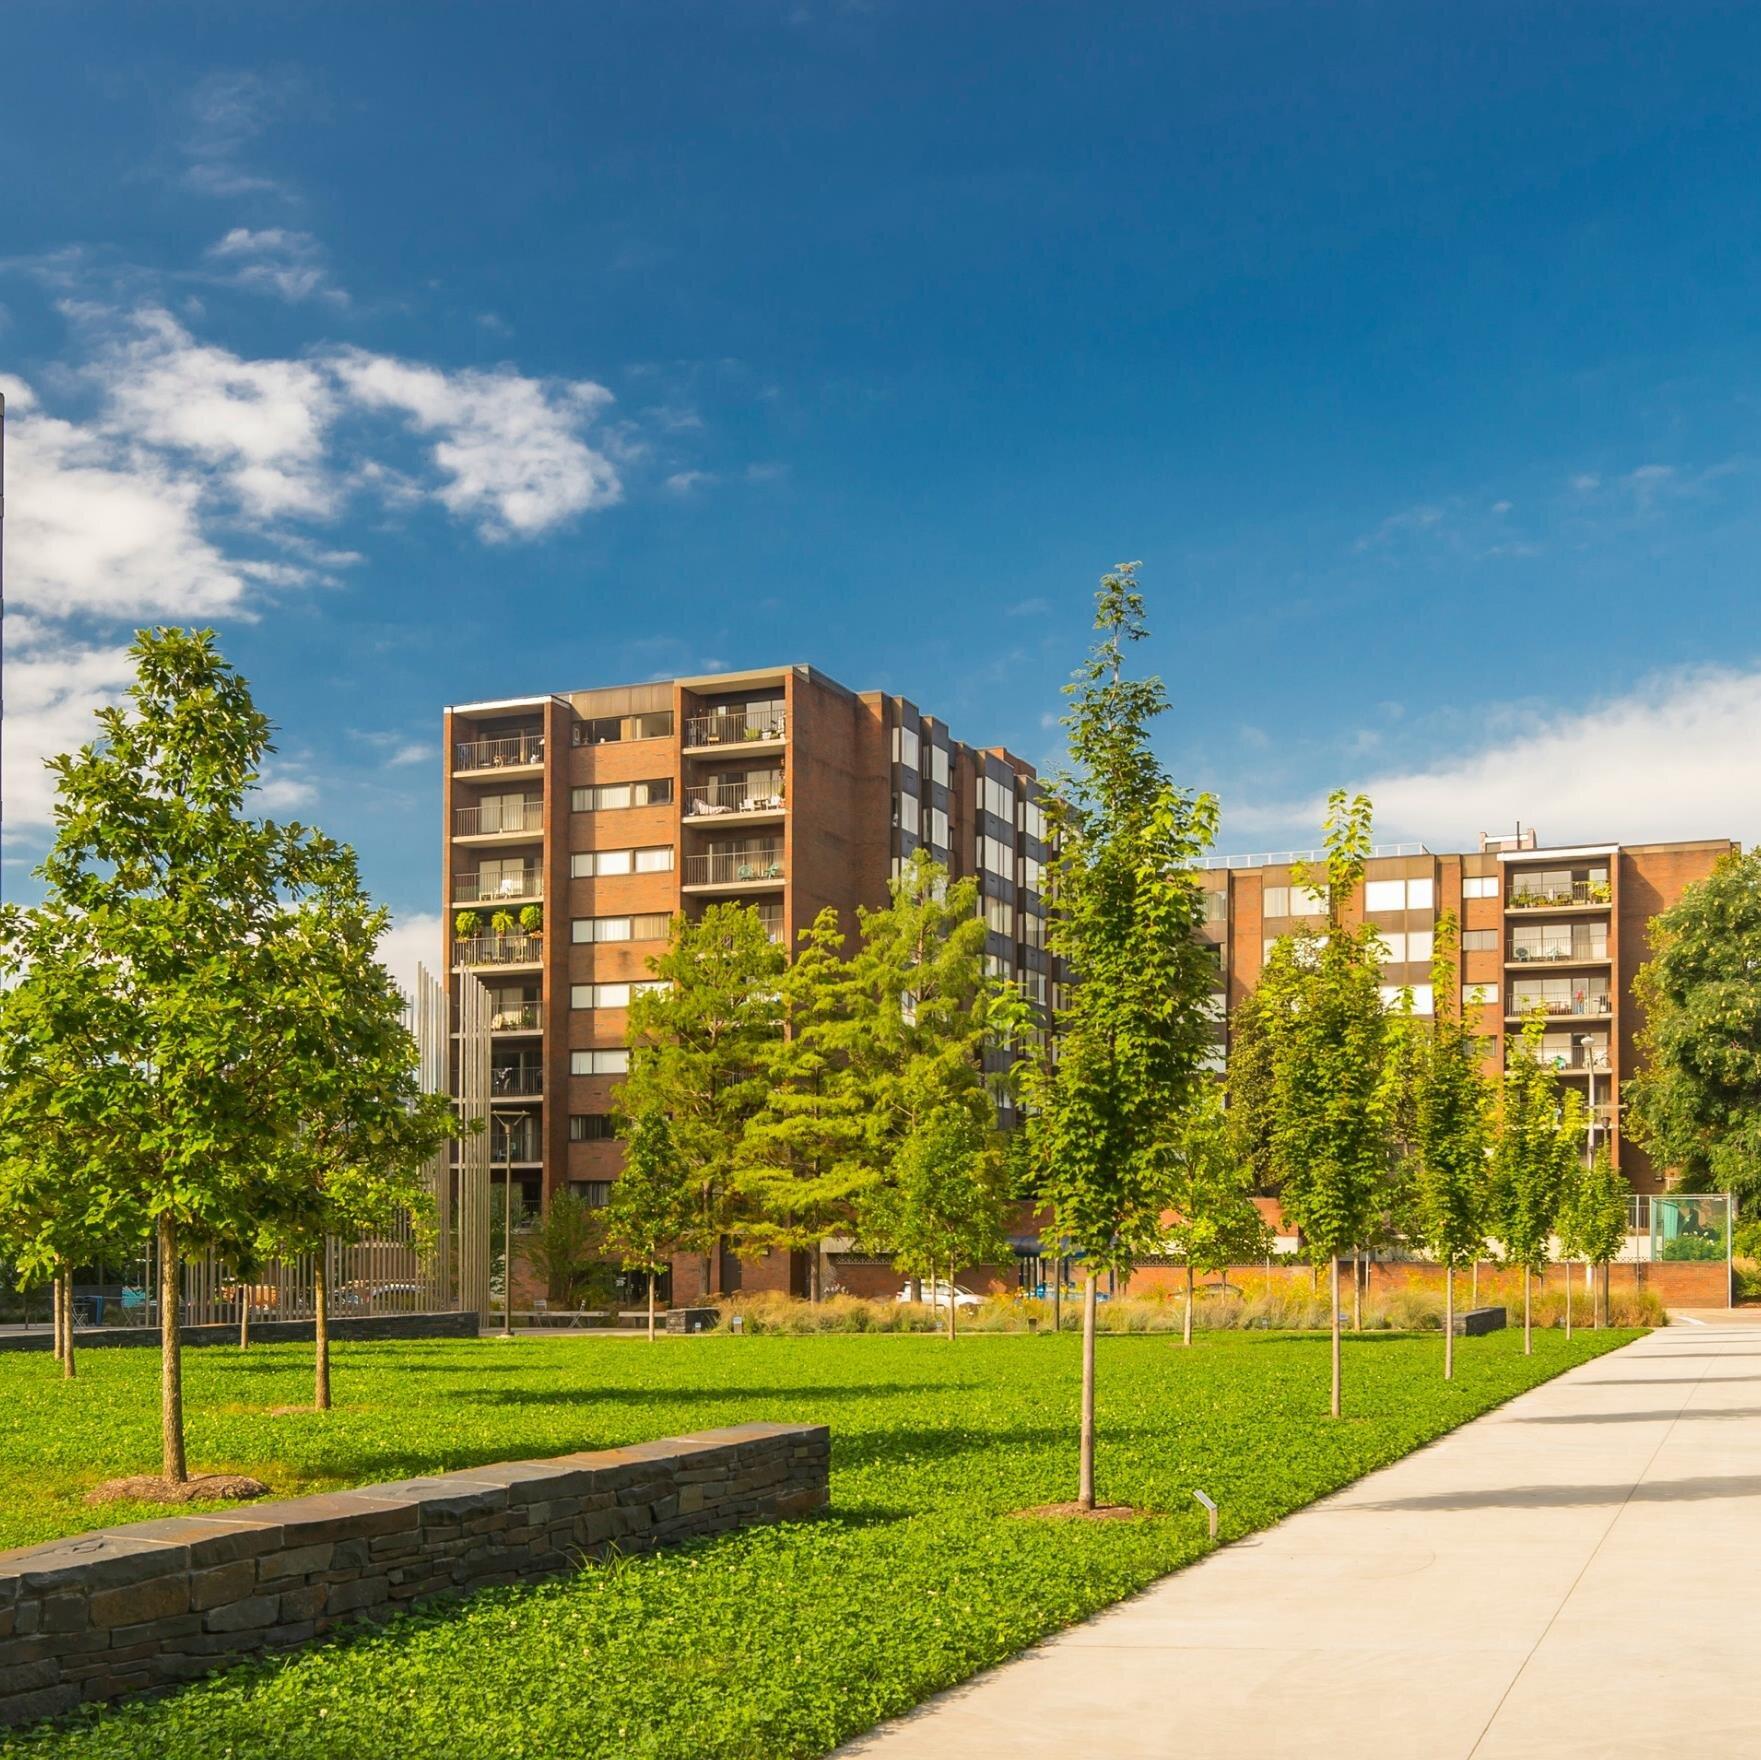 Taylor Park Apartments: Park View Apartments (@ParkViewAptsPgh)